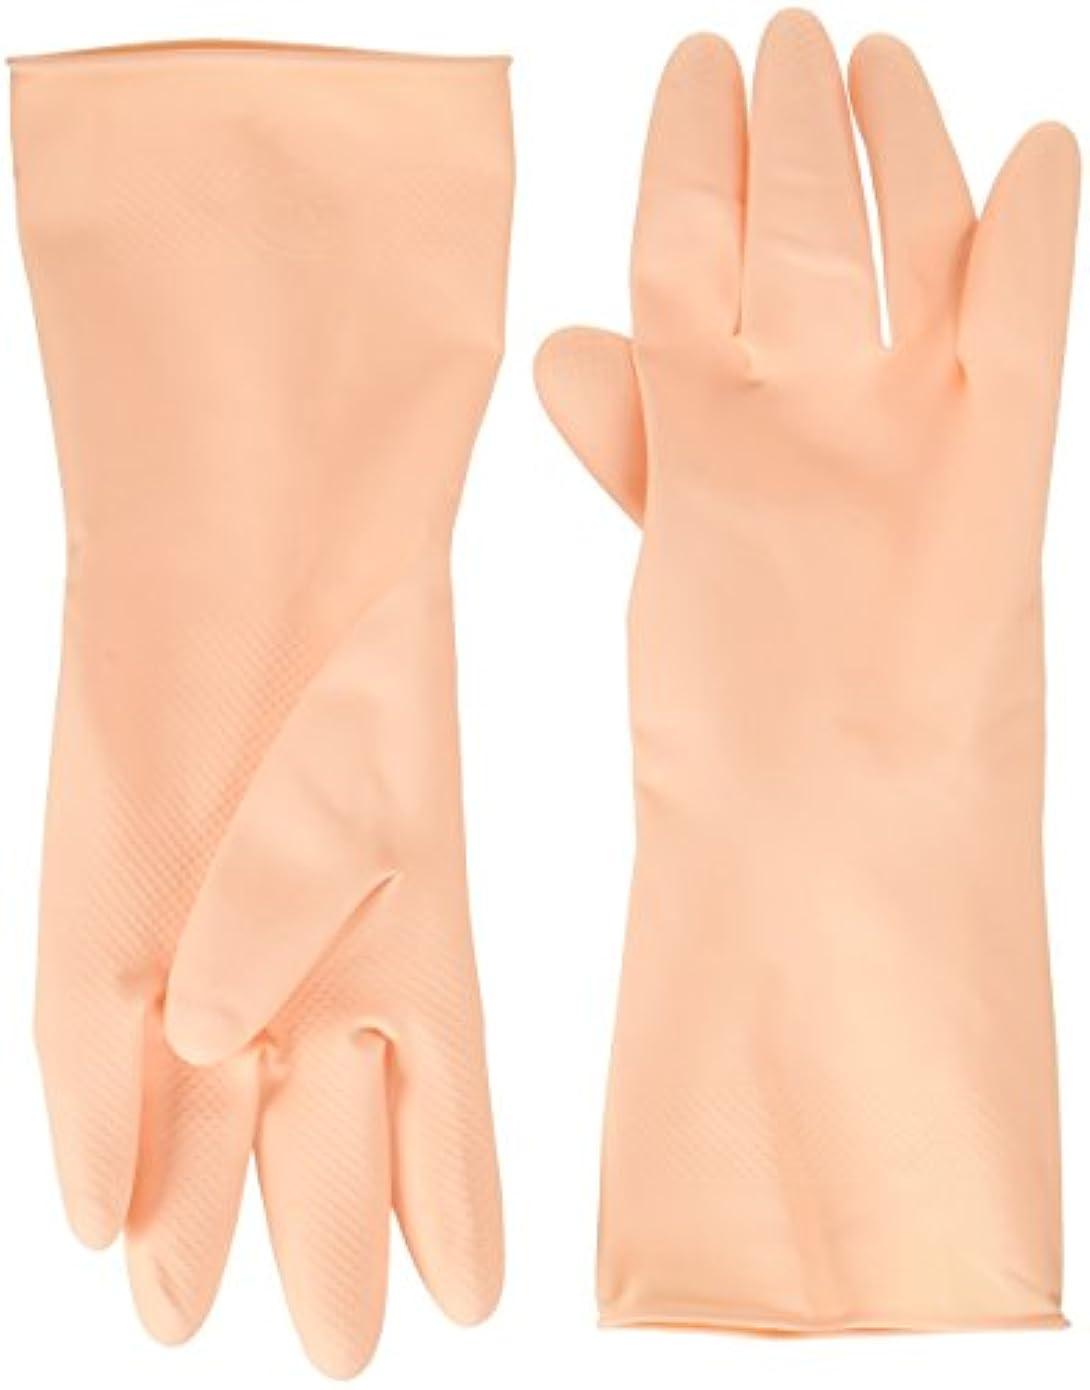 担保病創始者家庭用天然ゴム手袋ラバーローブフリー2双入